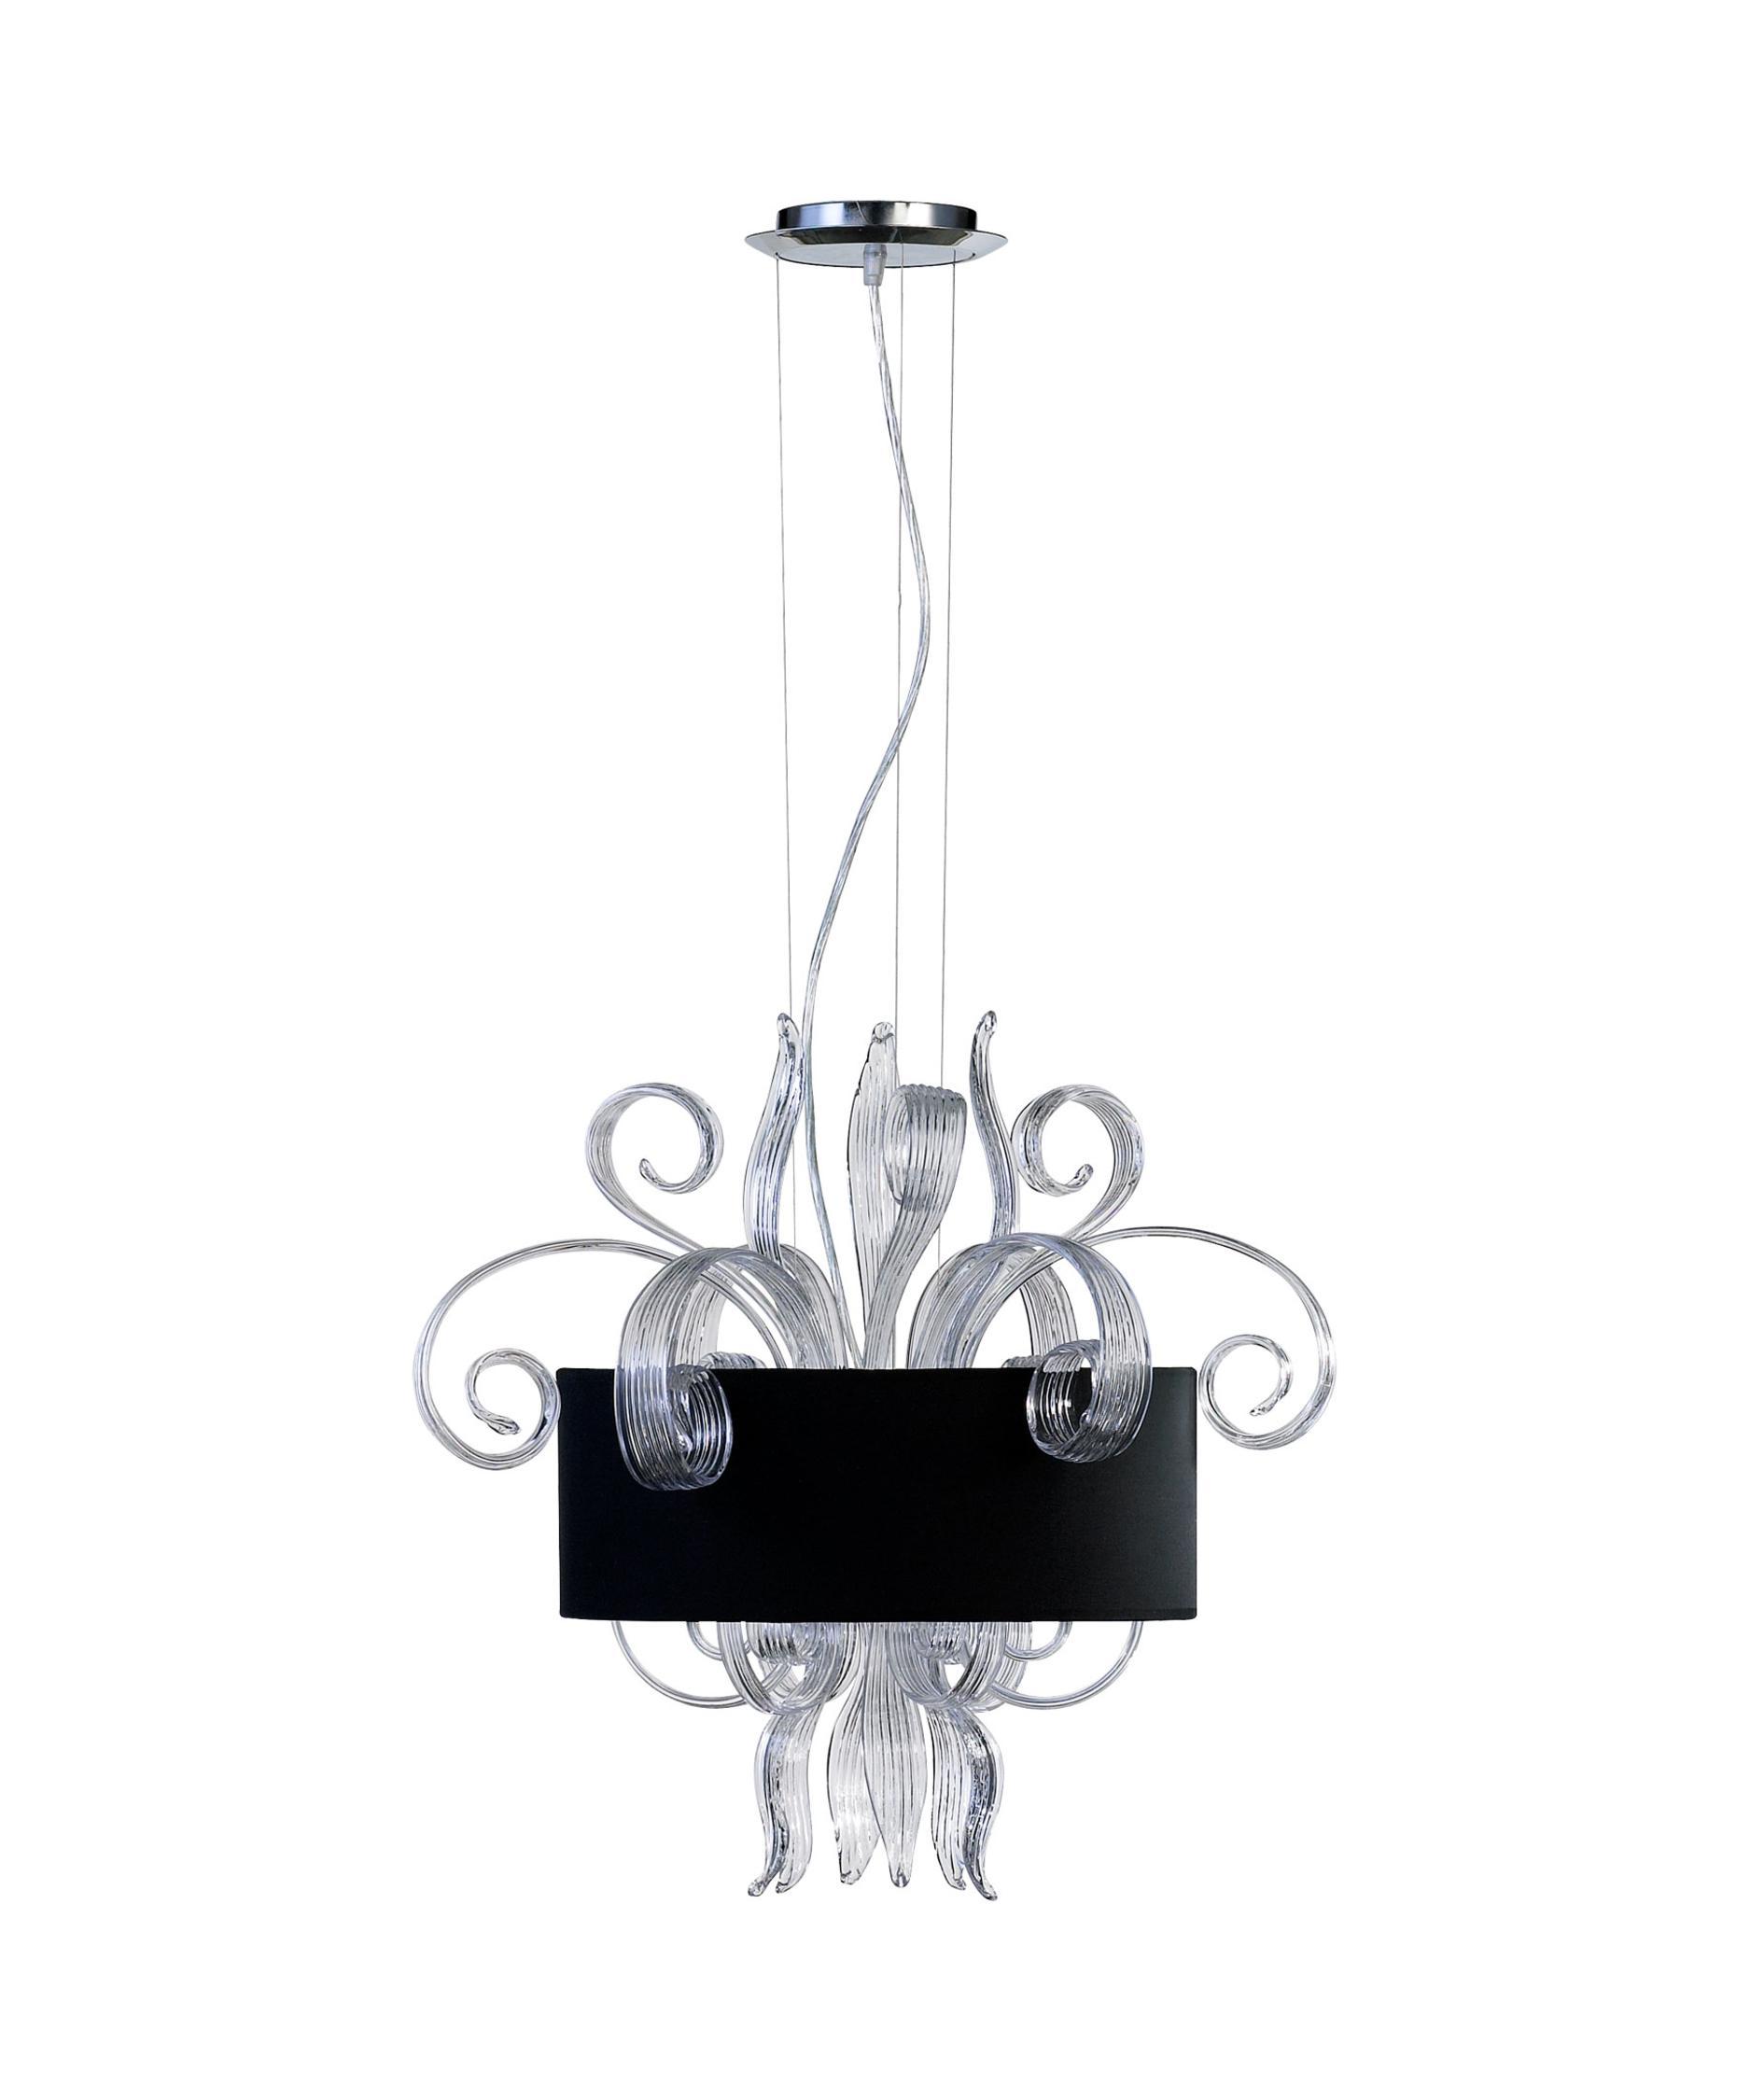 100+ ideas white cyan dining room lighting on www.weboolu